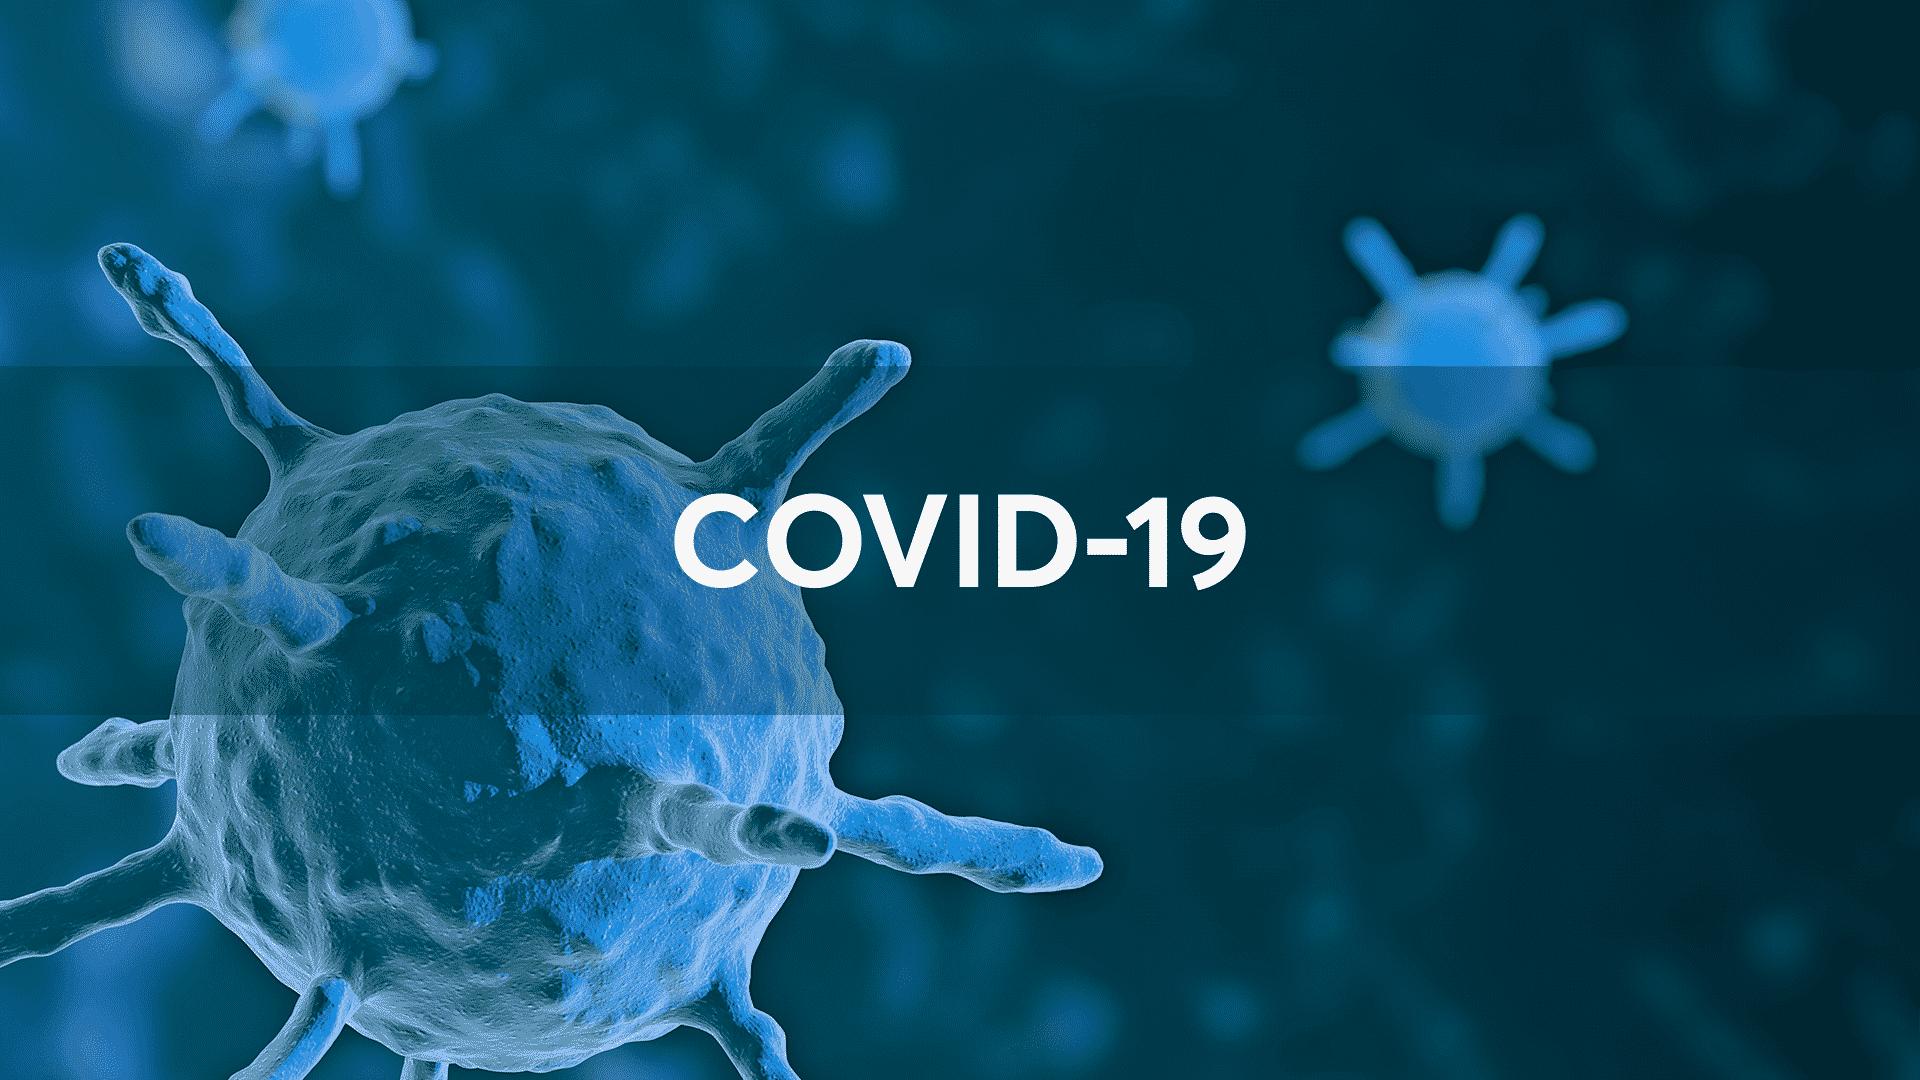 Covid-19 au Sénégal : 97 nouvelles contaminations dont 77 cas contacts, 20 cas communautaires, ce mardi